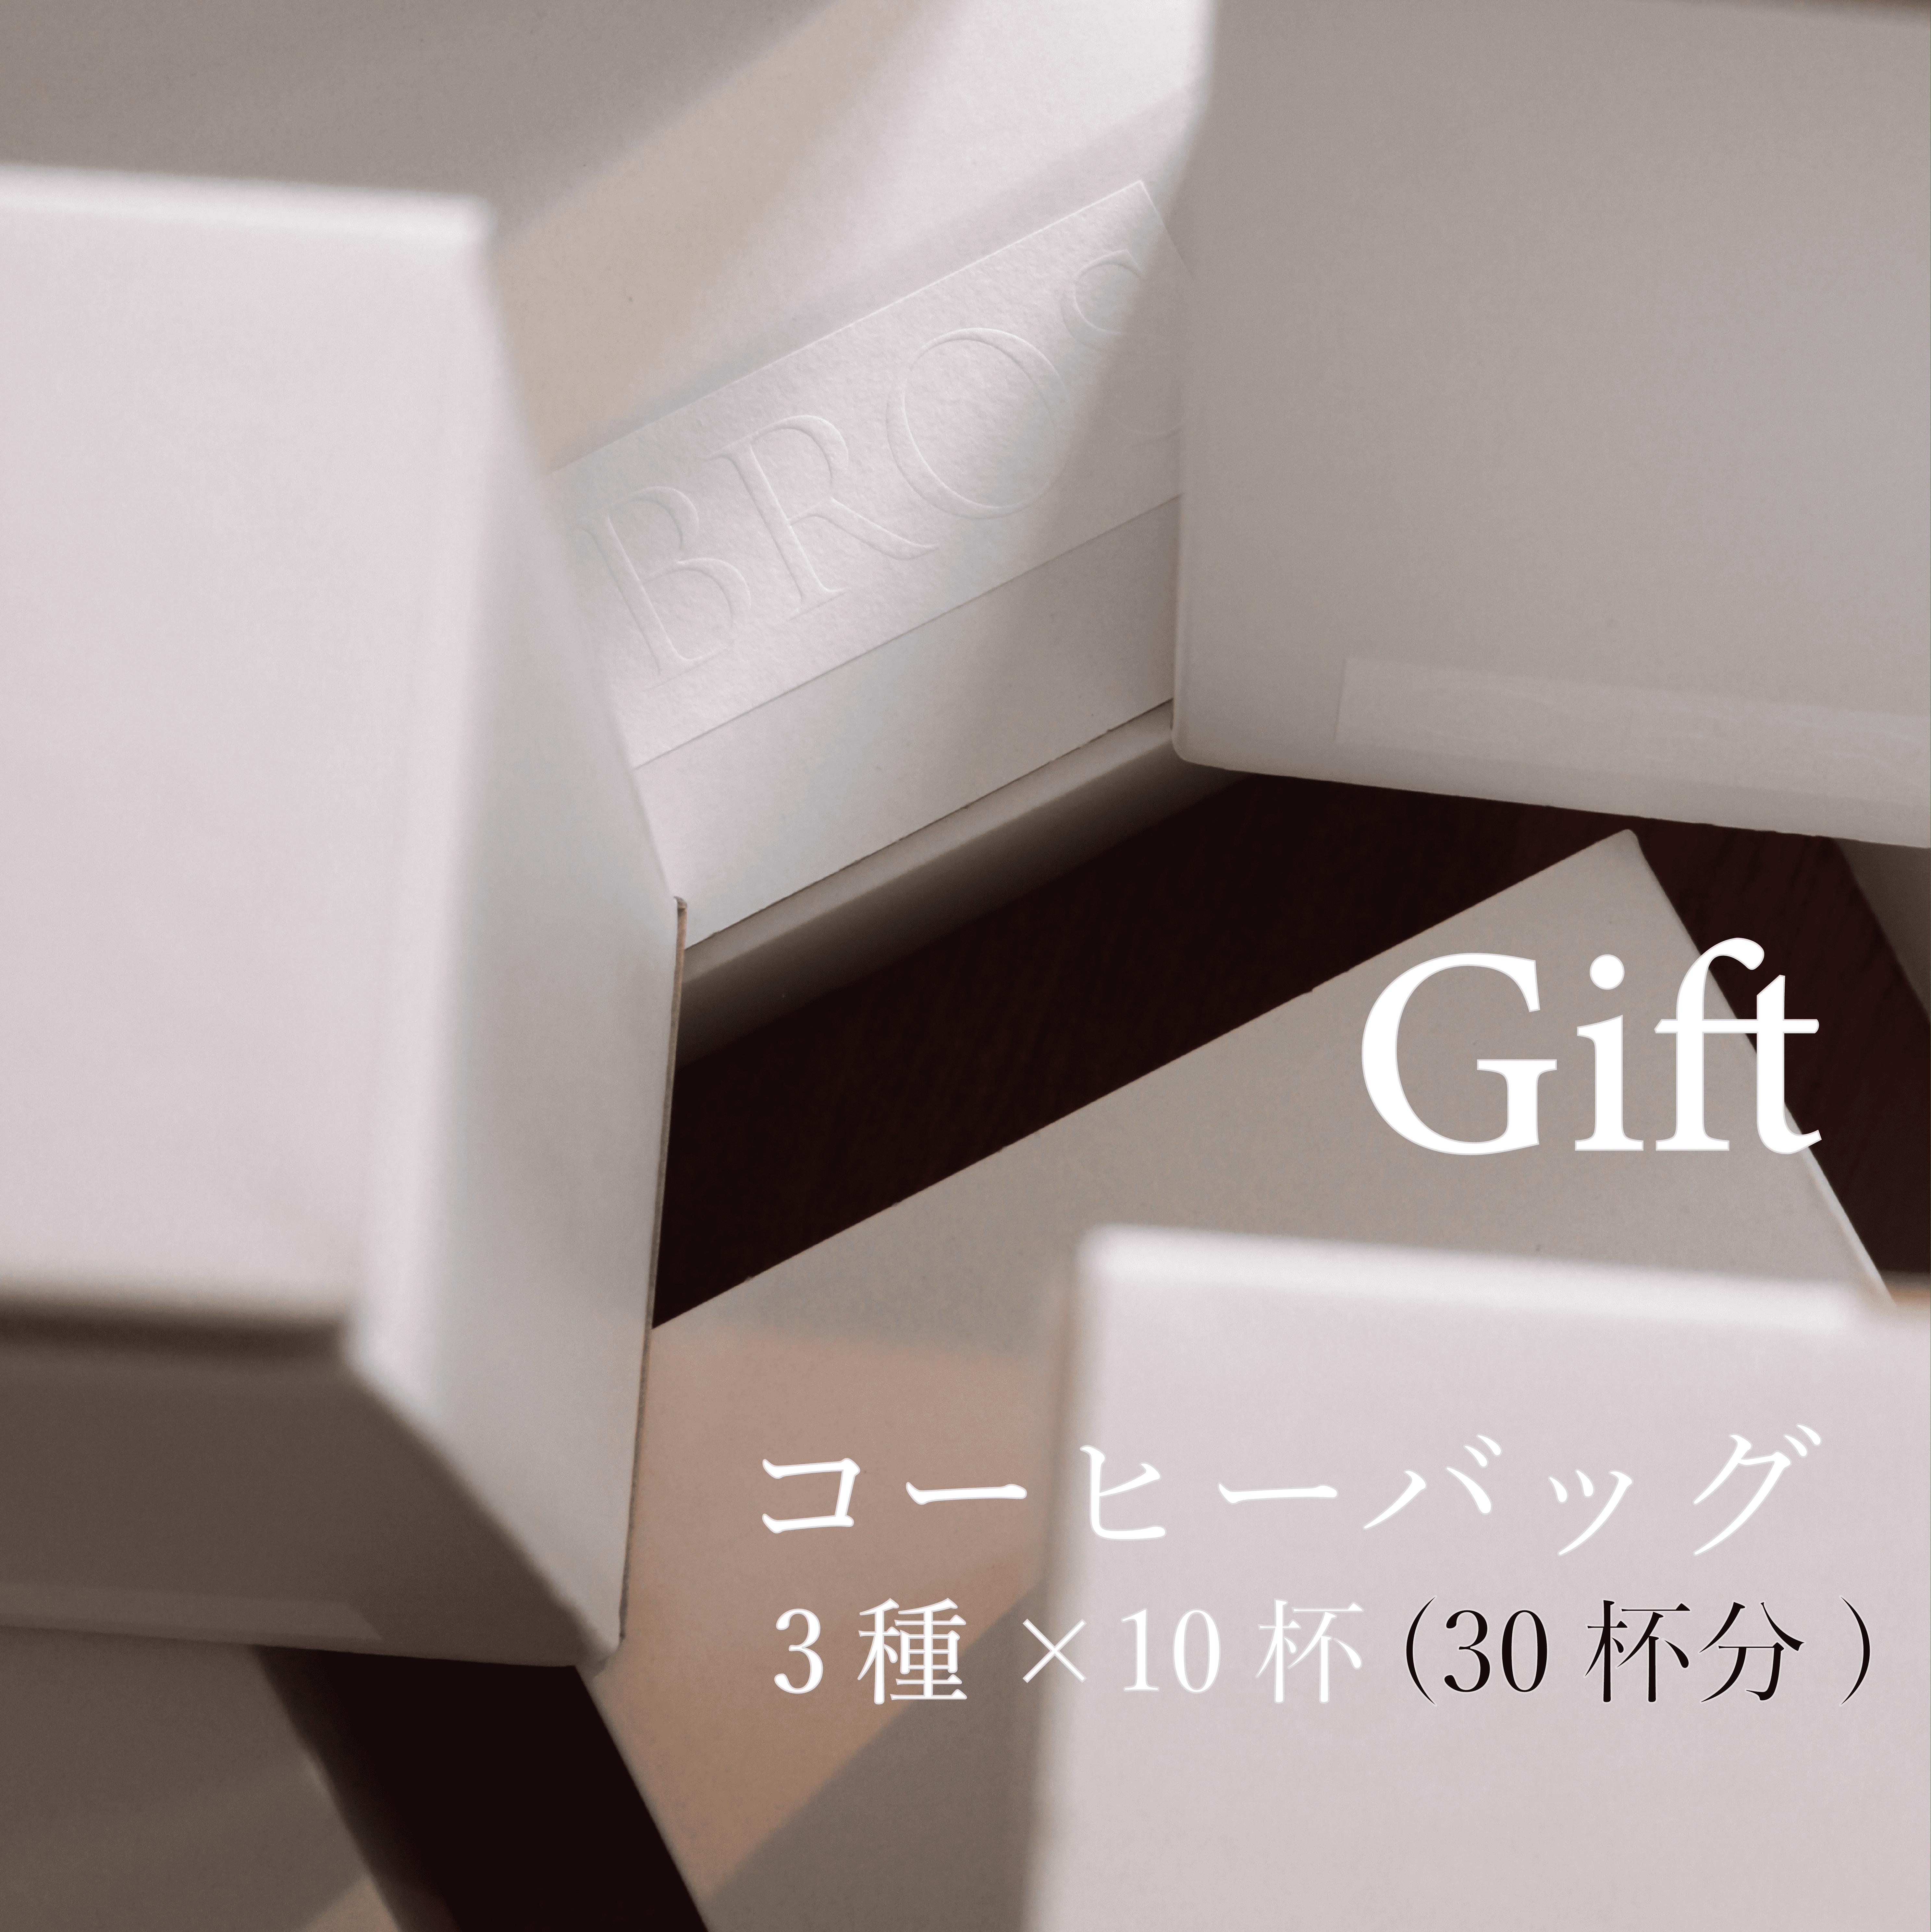 御中元 / The Gift / コーヒーバッグ / 3種×10杯(30杯分)